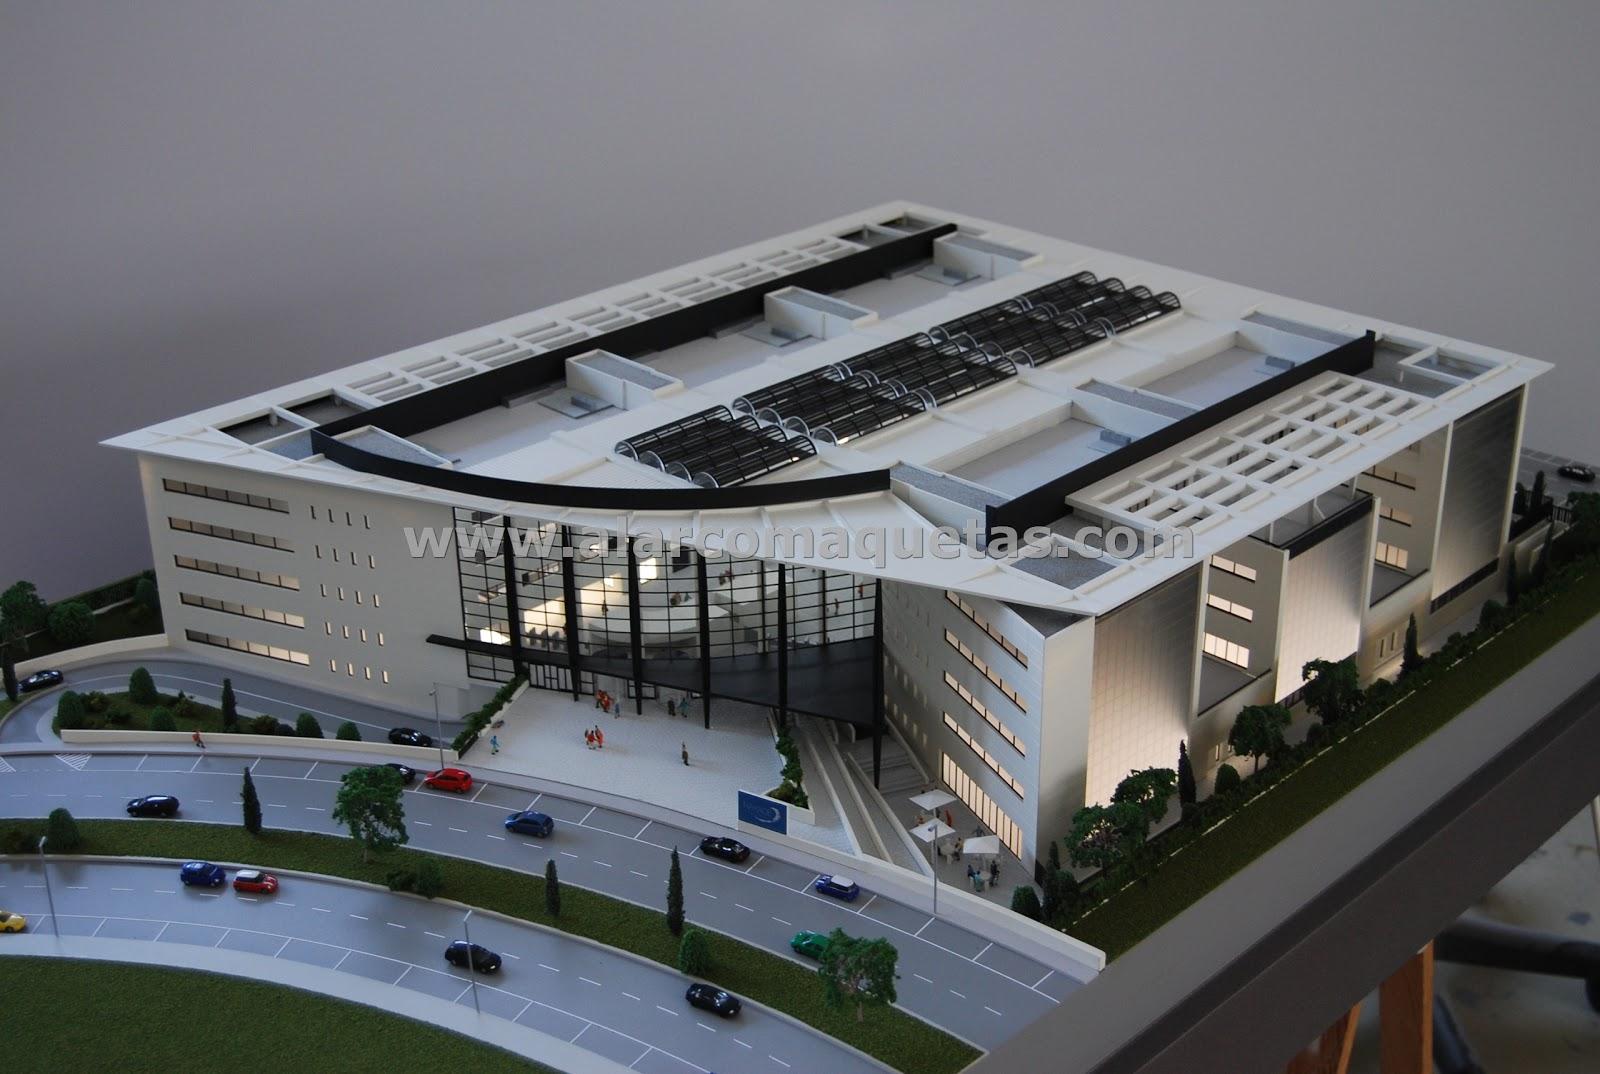 maquetas de arquitectura hacemos realidad sus proyectos